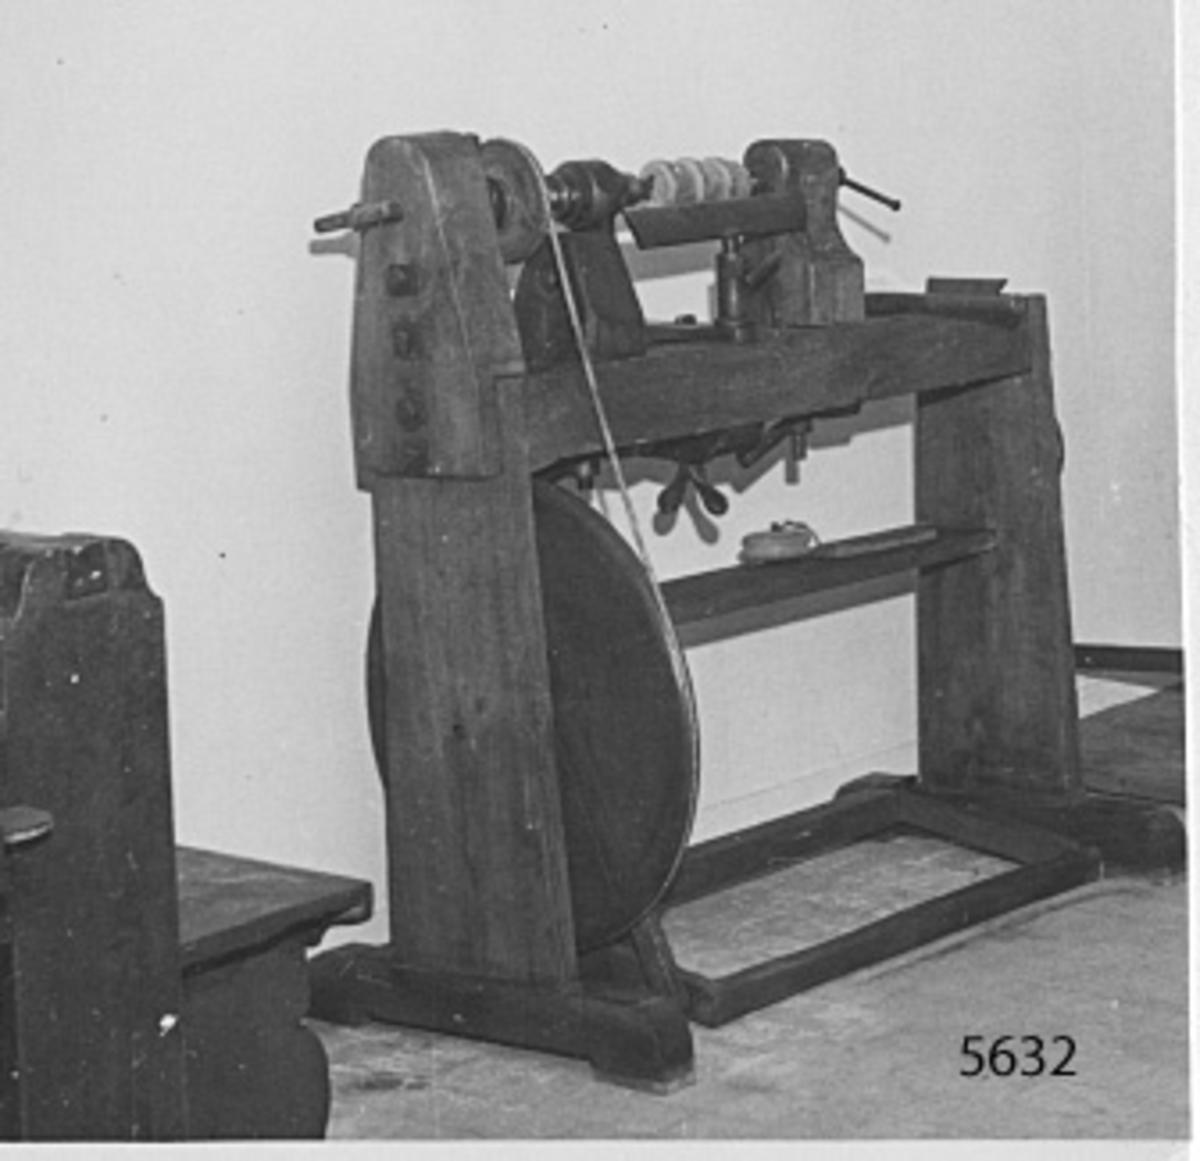 svarv, jämte diverse detaljer därtill: 1 spindel med lagerbock av trä. 1 dubbhållare av trä. 1 drivhjul. 1 stålfäste med fatspänningsdetalj av trä. 1 trappskiva av trä- 2 stöd för stål. 1 vev m.m. Uppmonterad 1946.